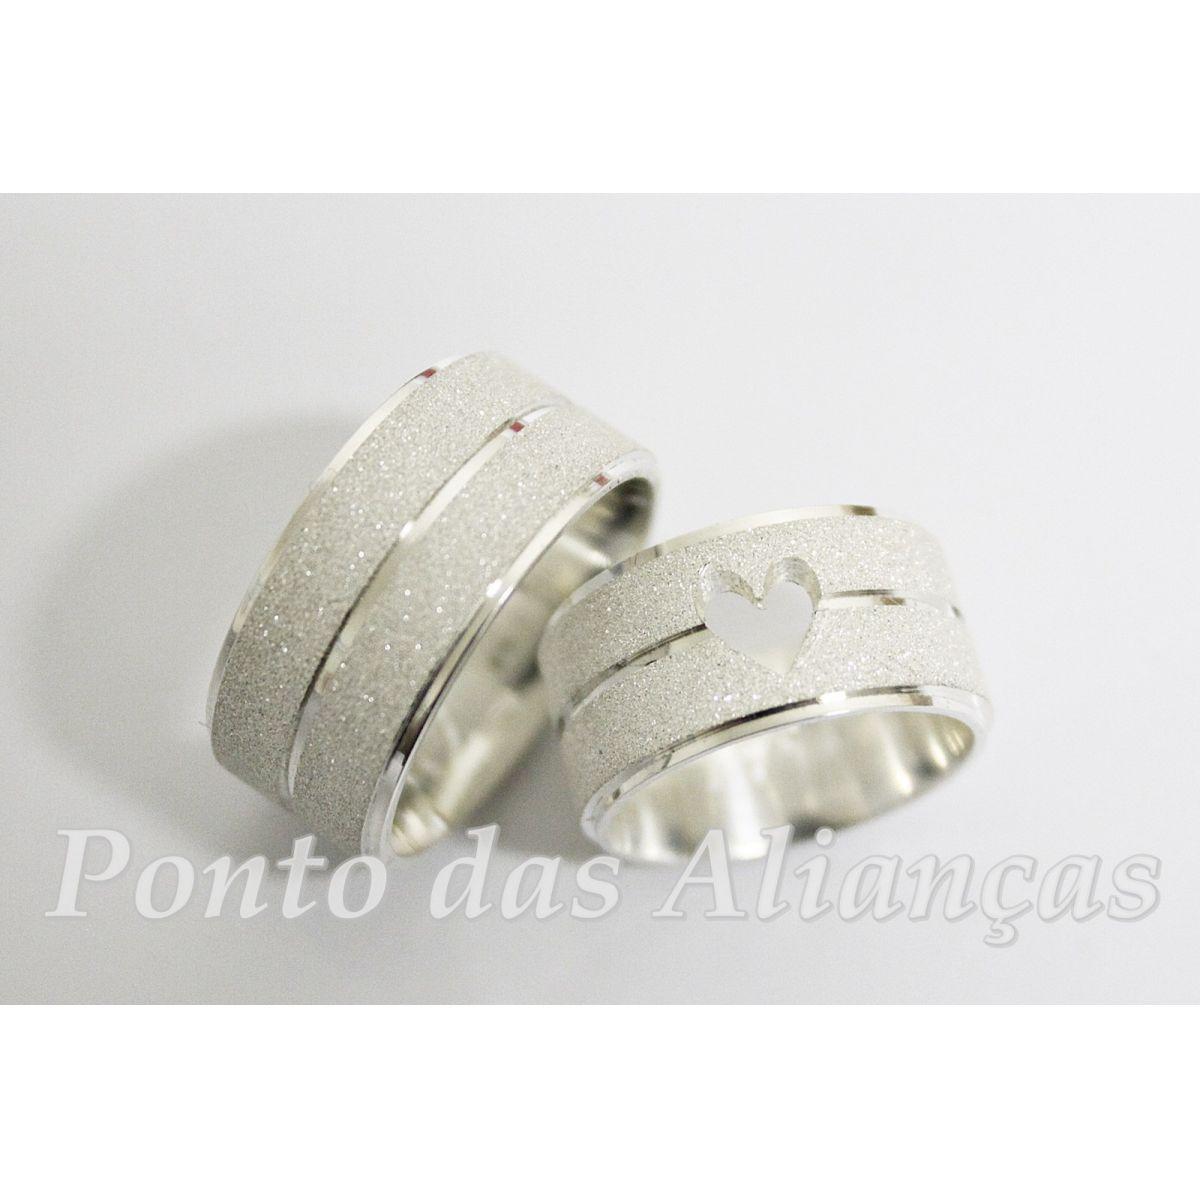 Alianças de Prata Compromisso - 95210